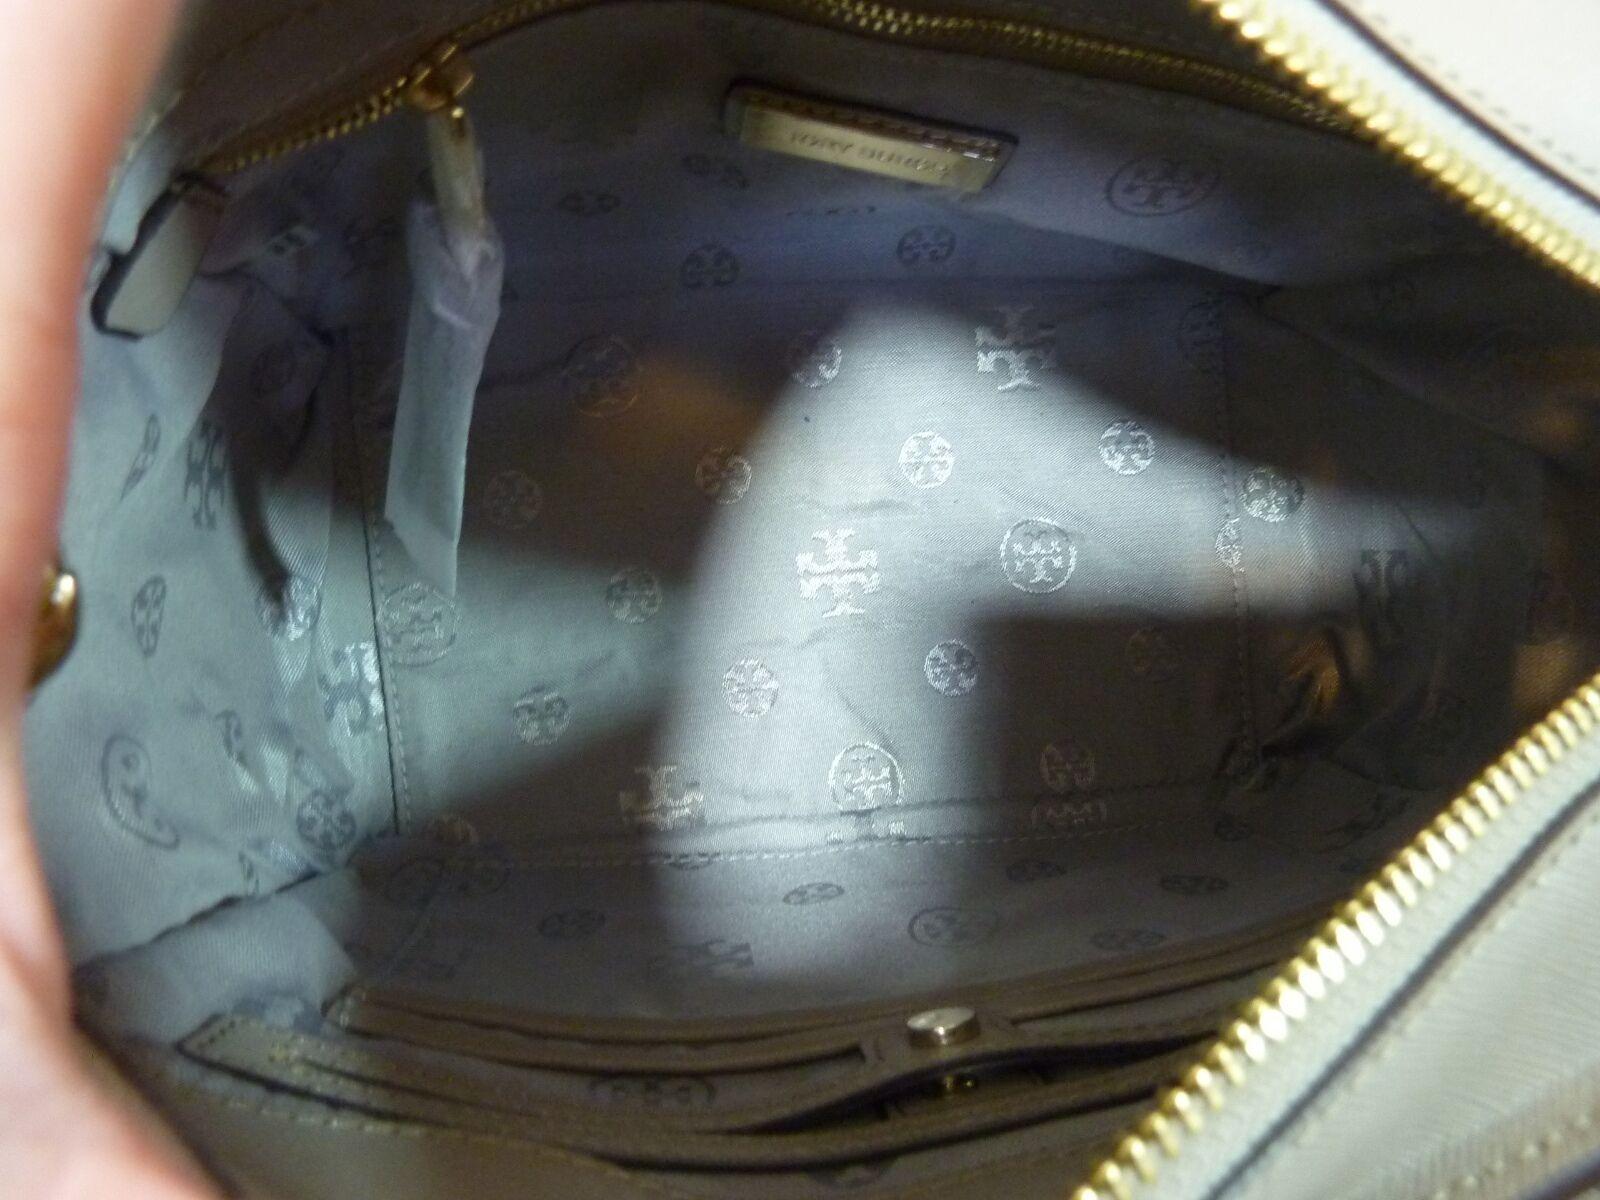 NWT Tory Burch French Gray Saffiano Leather Robinson Mini Square Tote image 9